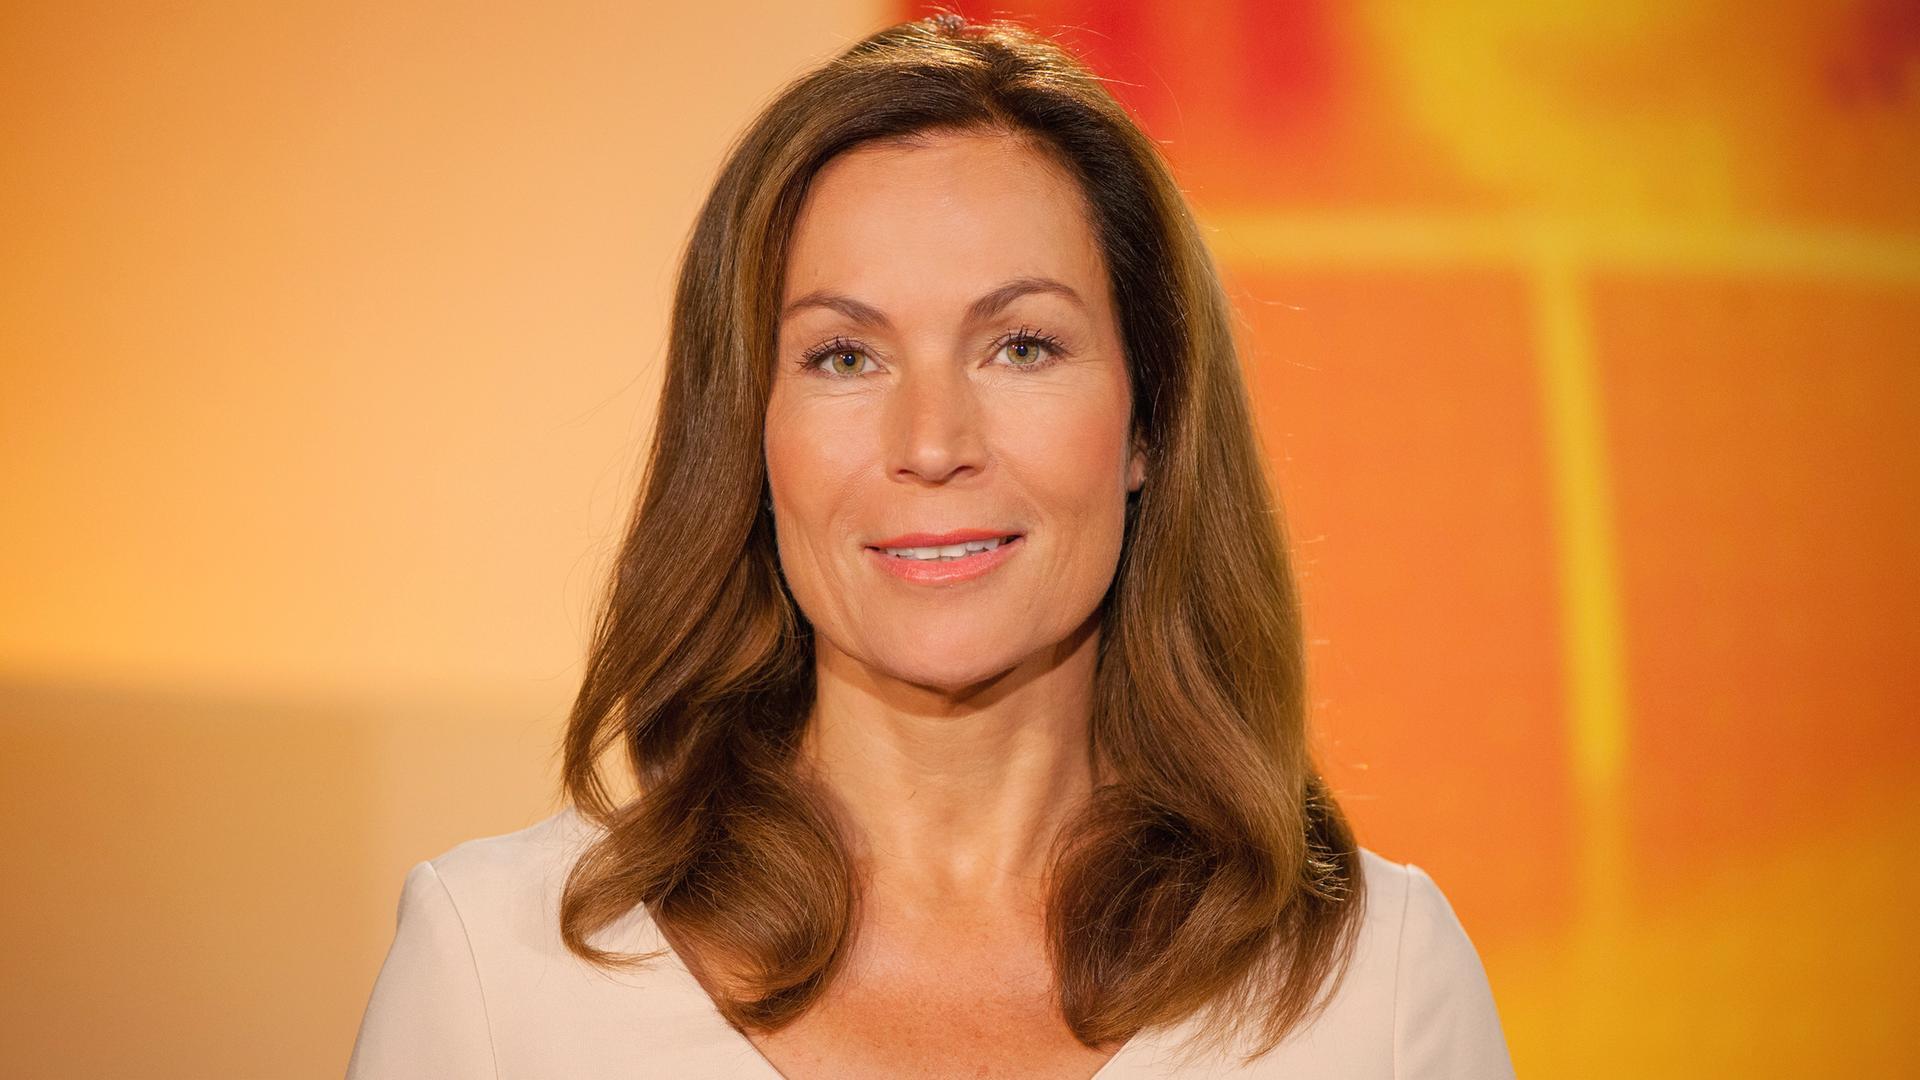 Claudia Schick